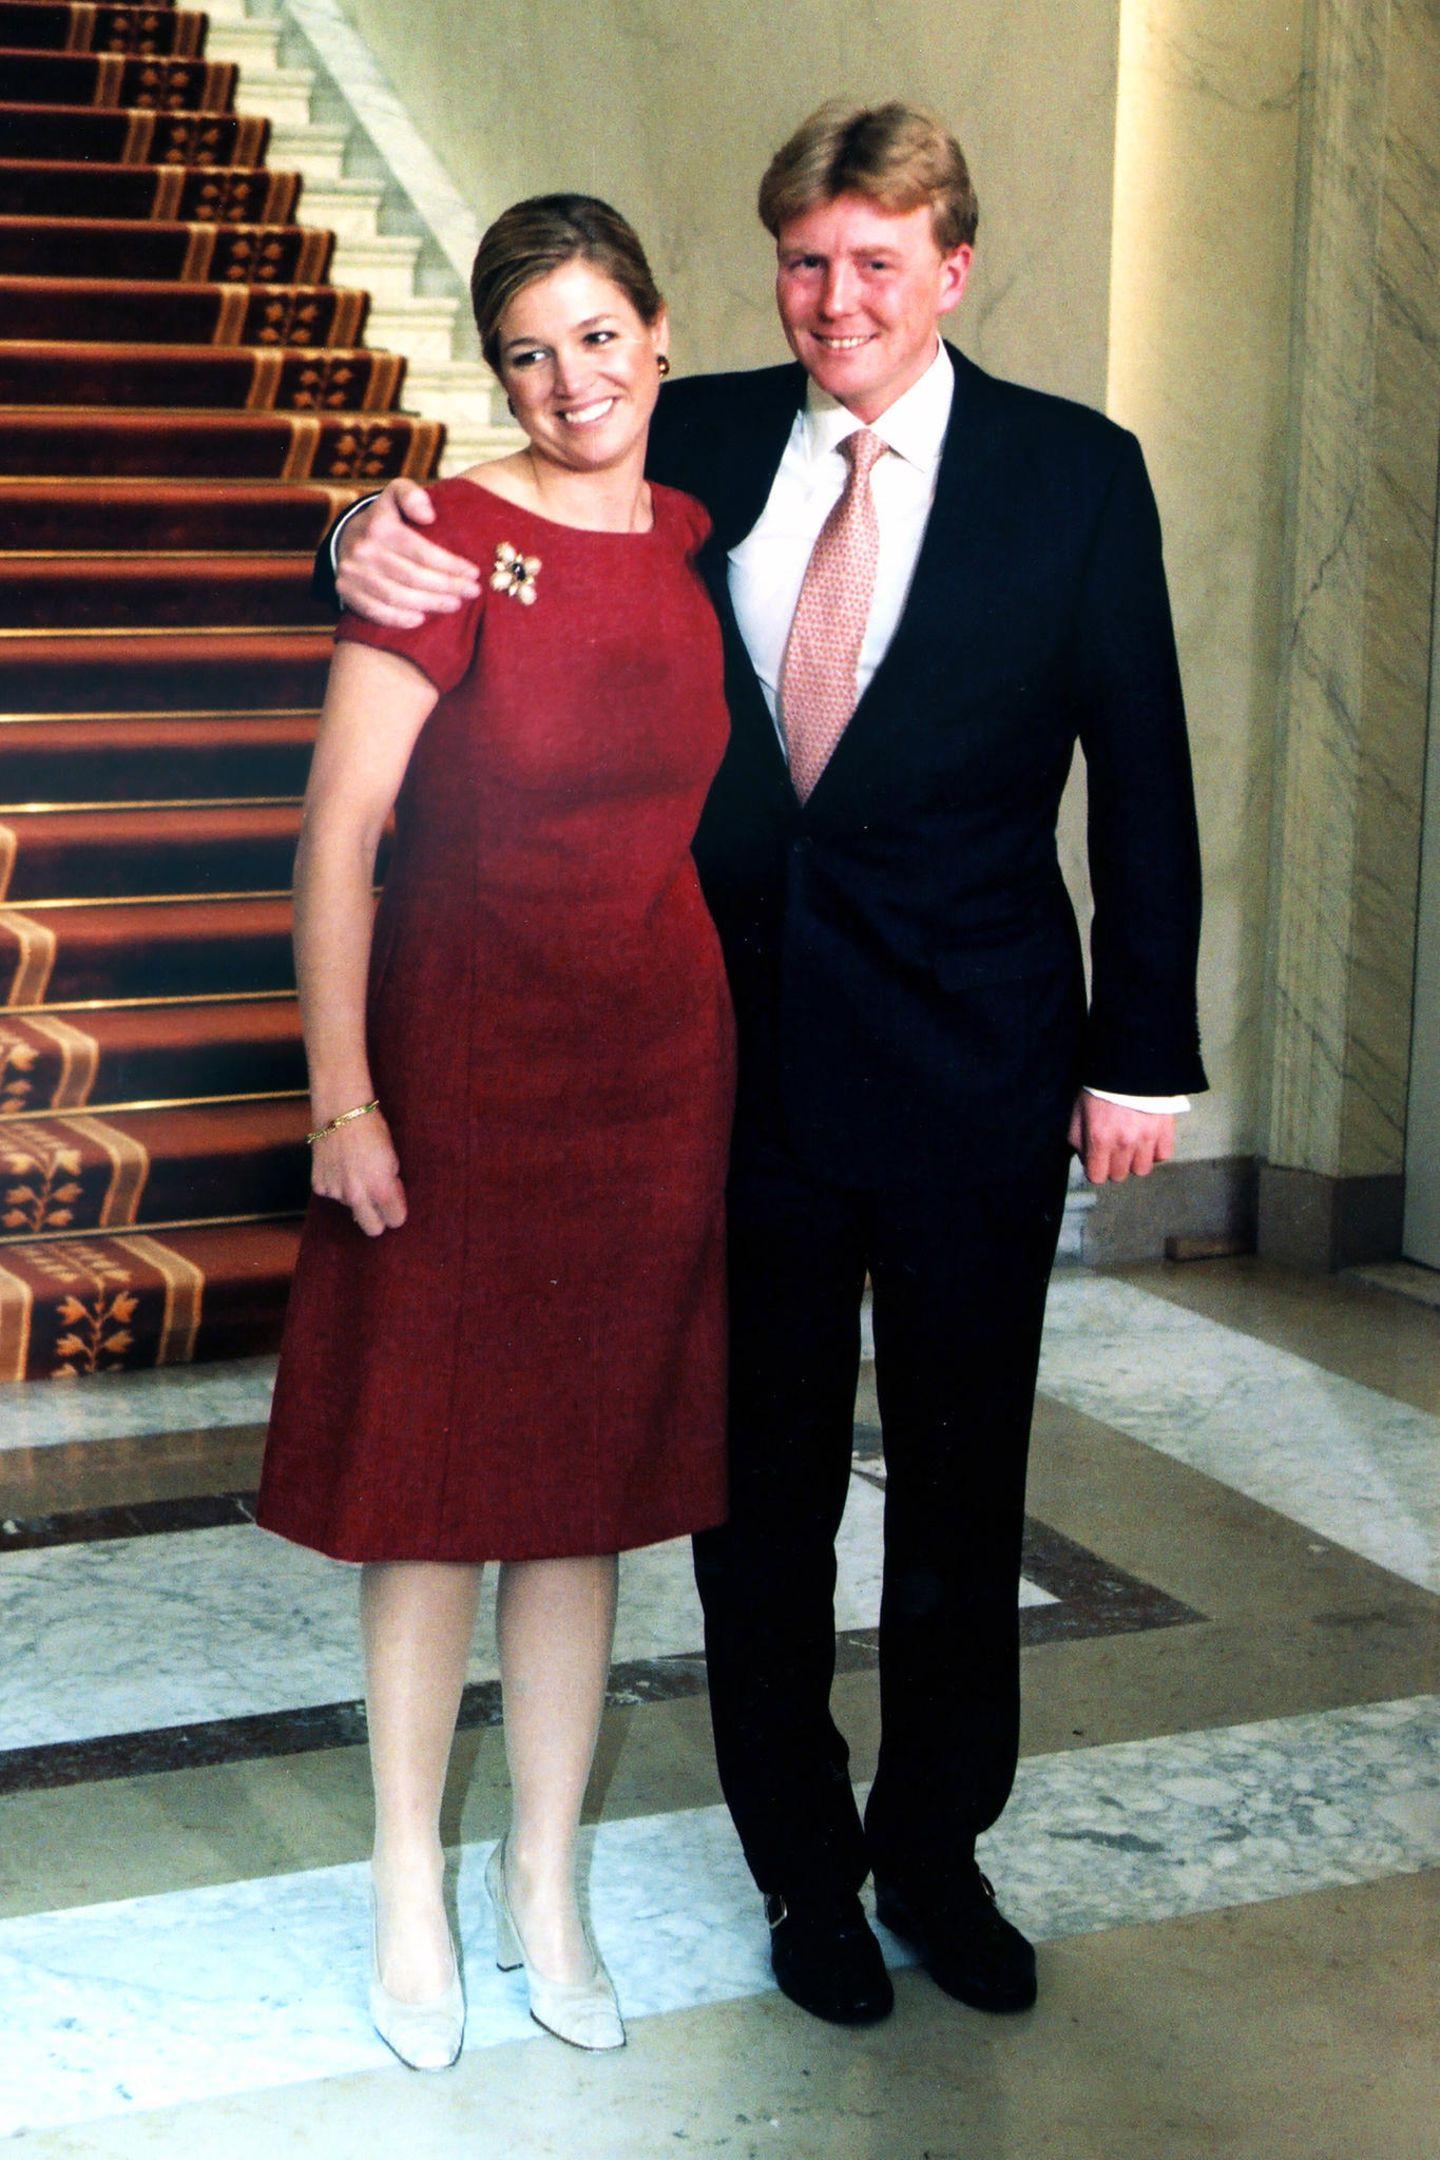 30. März 2011  Máxima Zorreguieta Cerruti, die spätere Prinzessin und jetzige Königin der Niederlande strahlte bei der Bekanntgabe ihrer Verlobung mit Prinz Willem-Alexander so sehr, dass das schlicht-elegante Etuikleid fast untergeht.